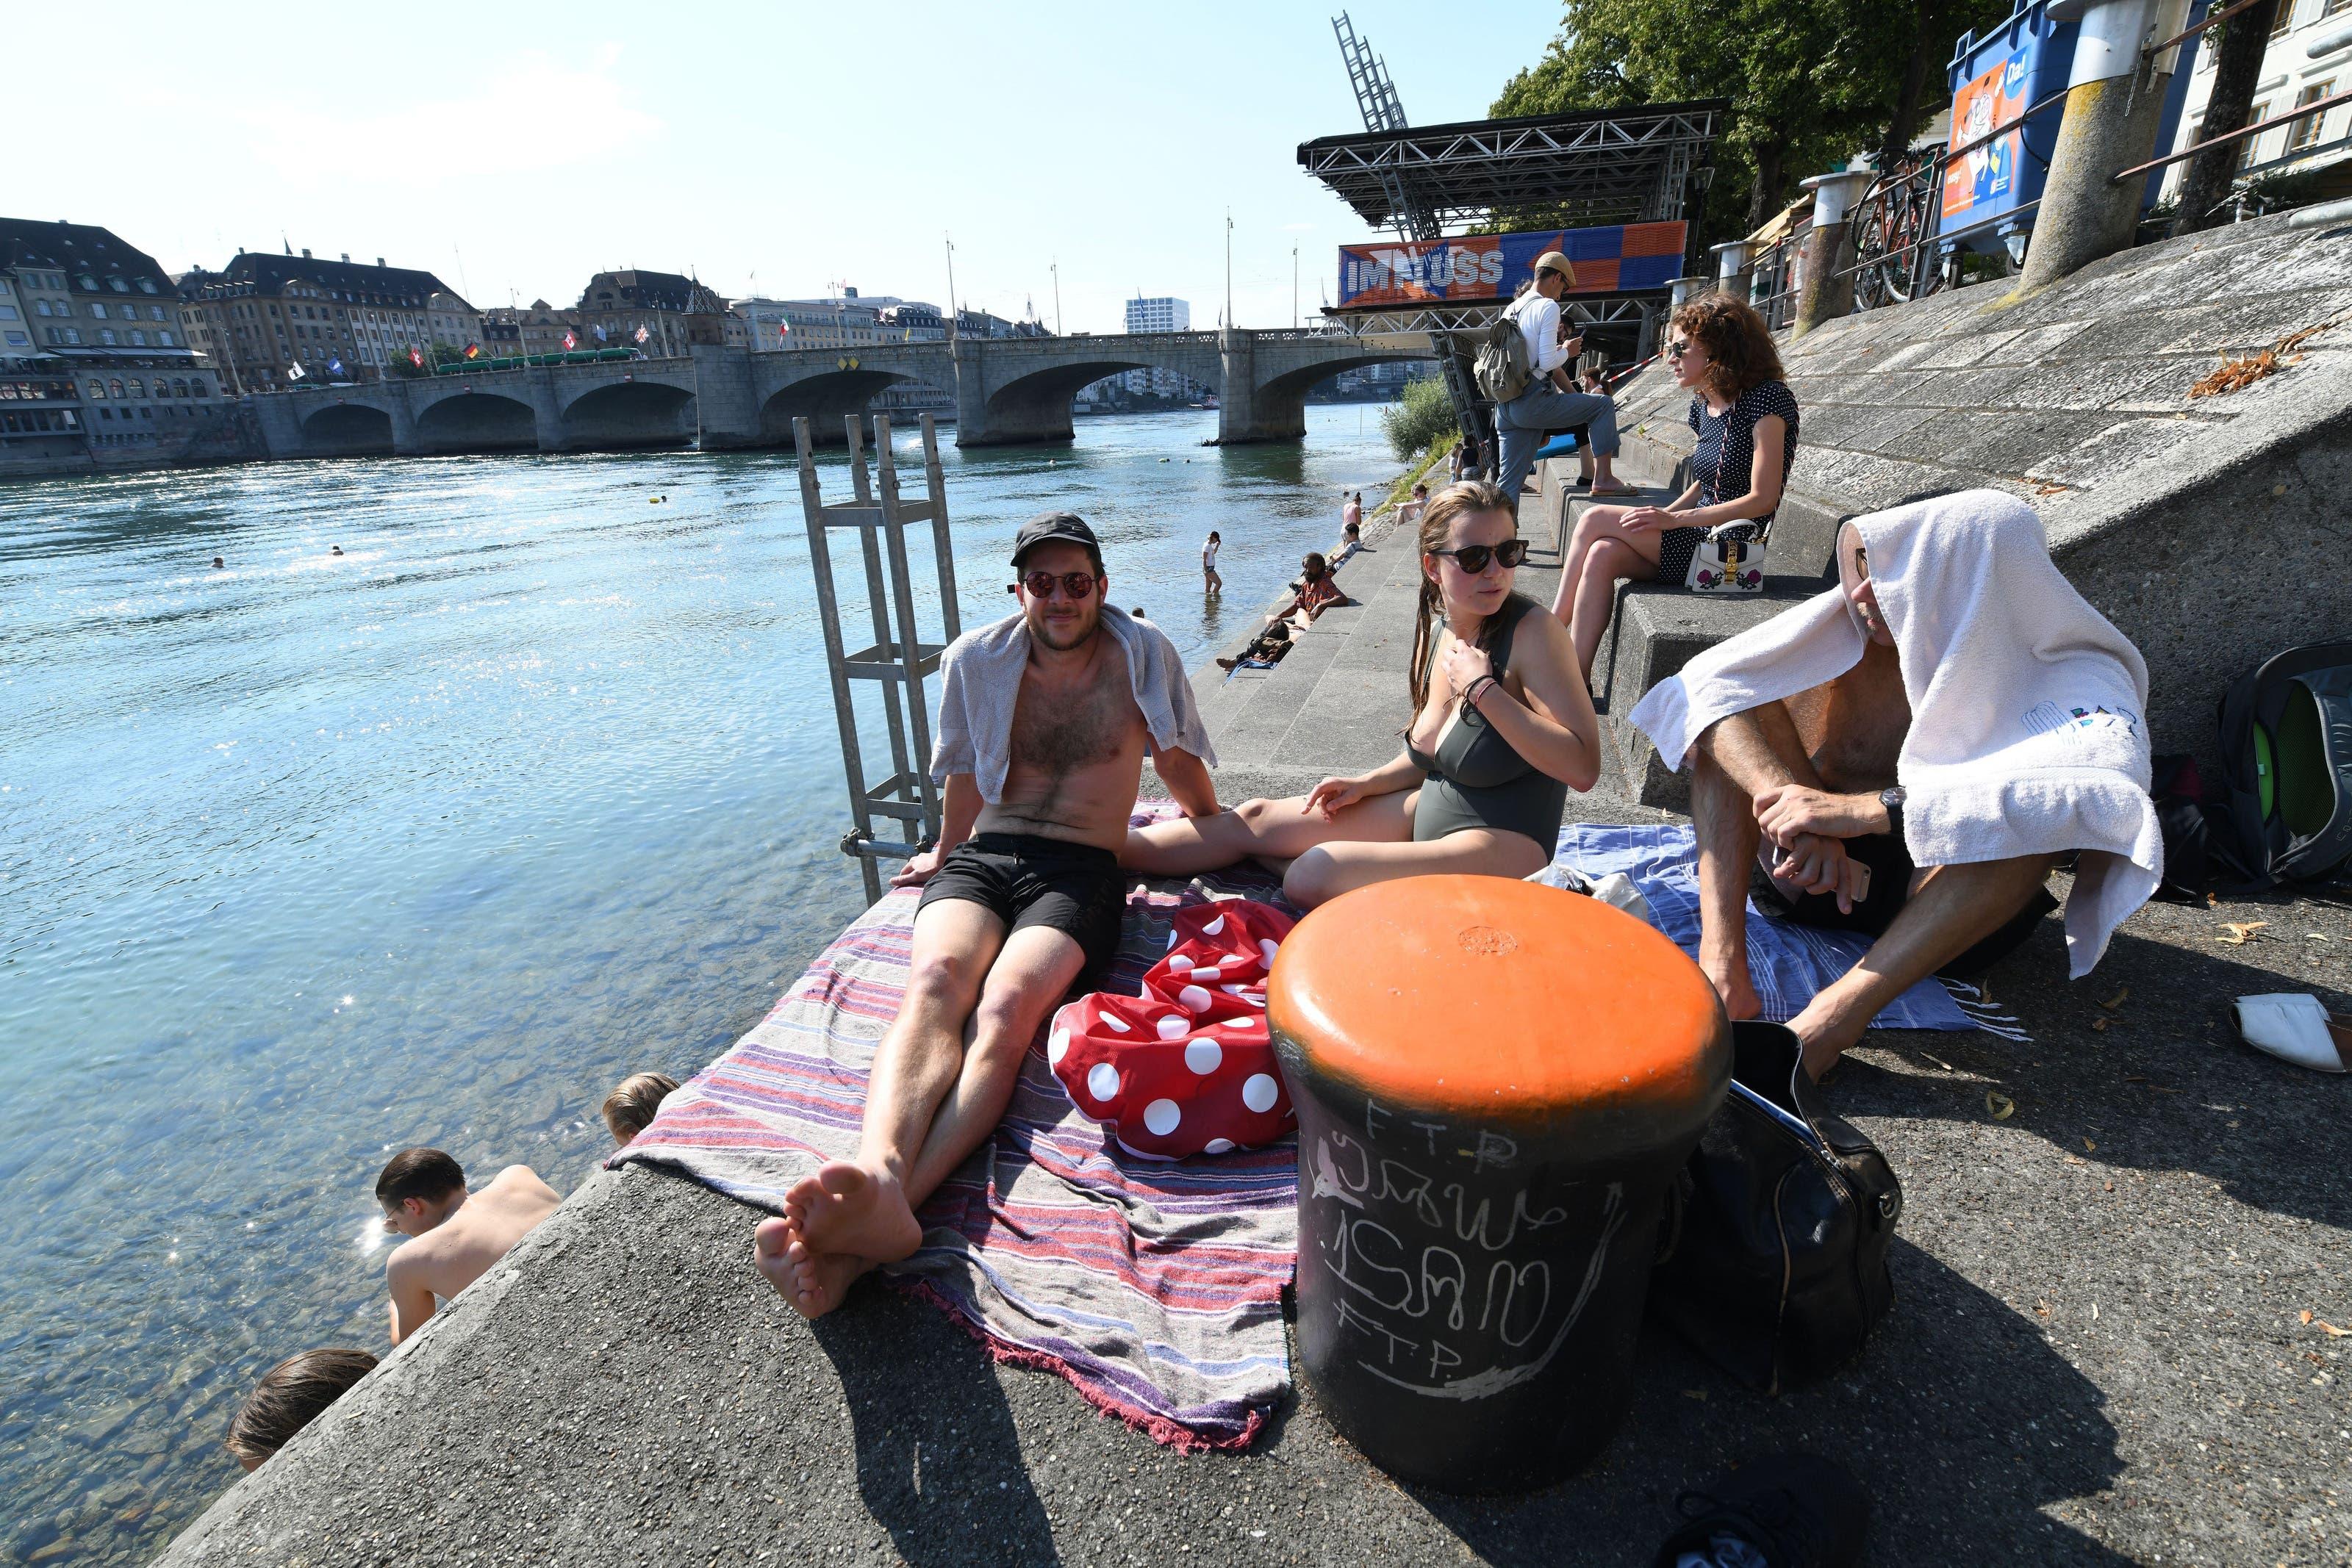 Die Hitzewelle hat Basel erreicht; der Rhein hat bereits rund 24 Grad Celsius. Sommer in Basel